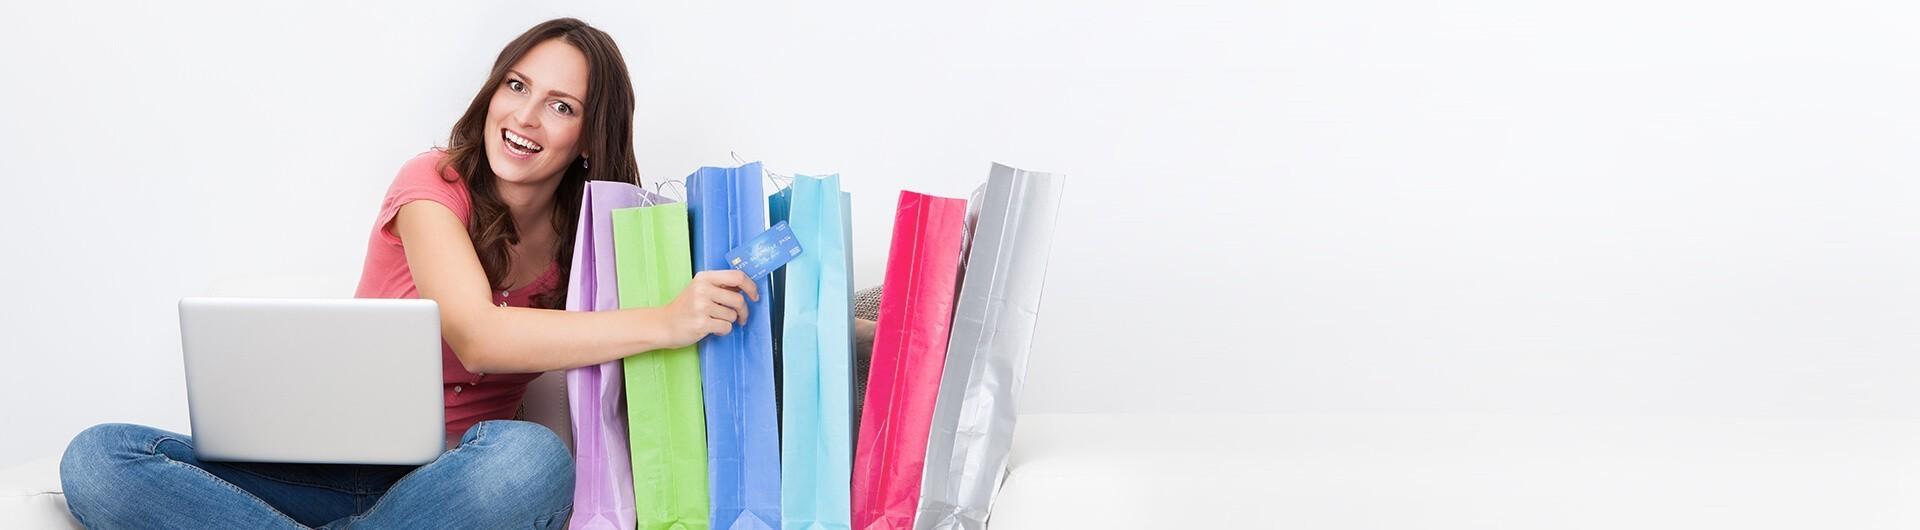 איך למכור באינטרנט מוצרים – בגדים תכשיטים ועוד? האם בניית חנות וירטואלית זה חובה?